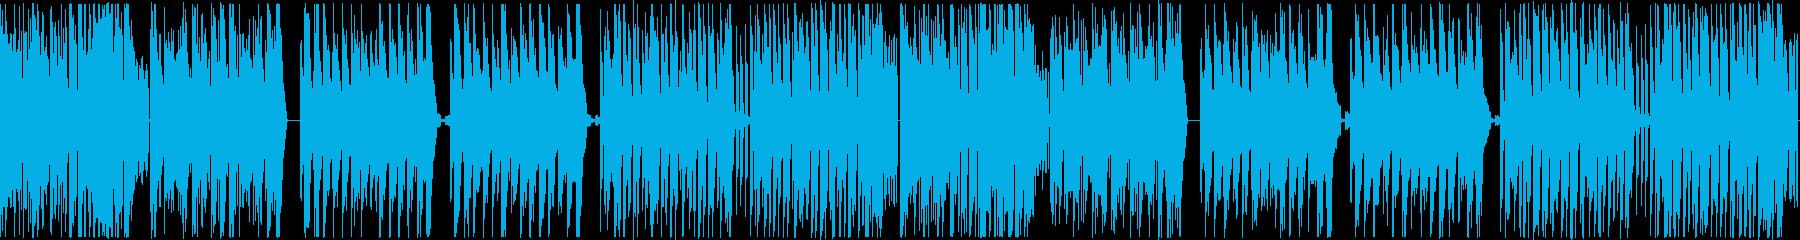 陽気なコミカルミュージックの再生済みの波形